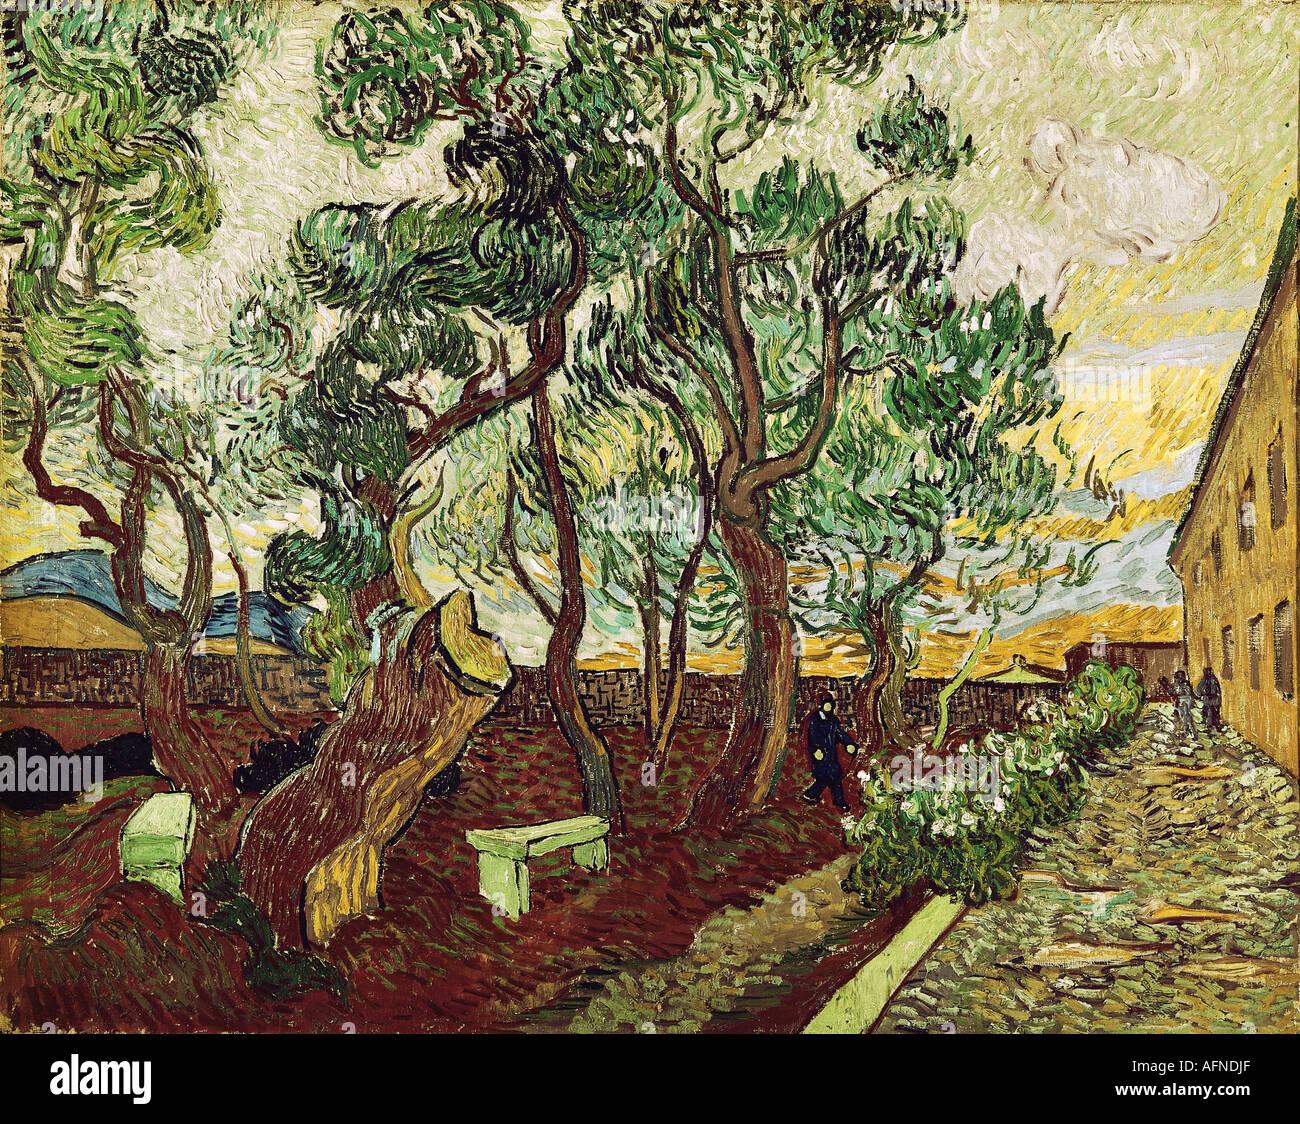 """""""Fine Arts, Gogh, Vincent van, (1853-1890), Malerei,""""le Jardin De La Maison des alines de Saint Remy"""", ("""" der Garten Stockfoto"""